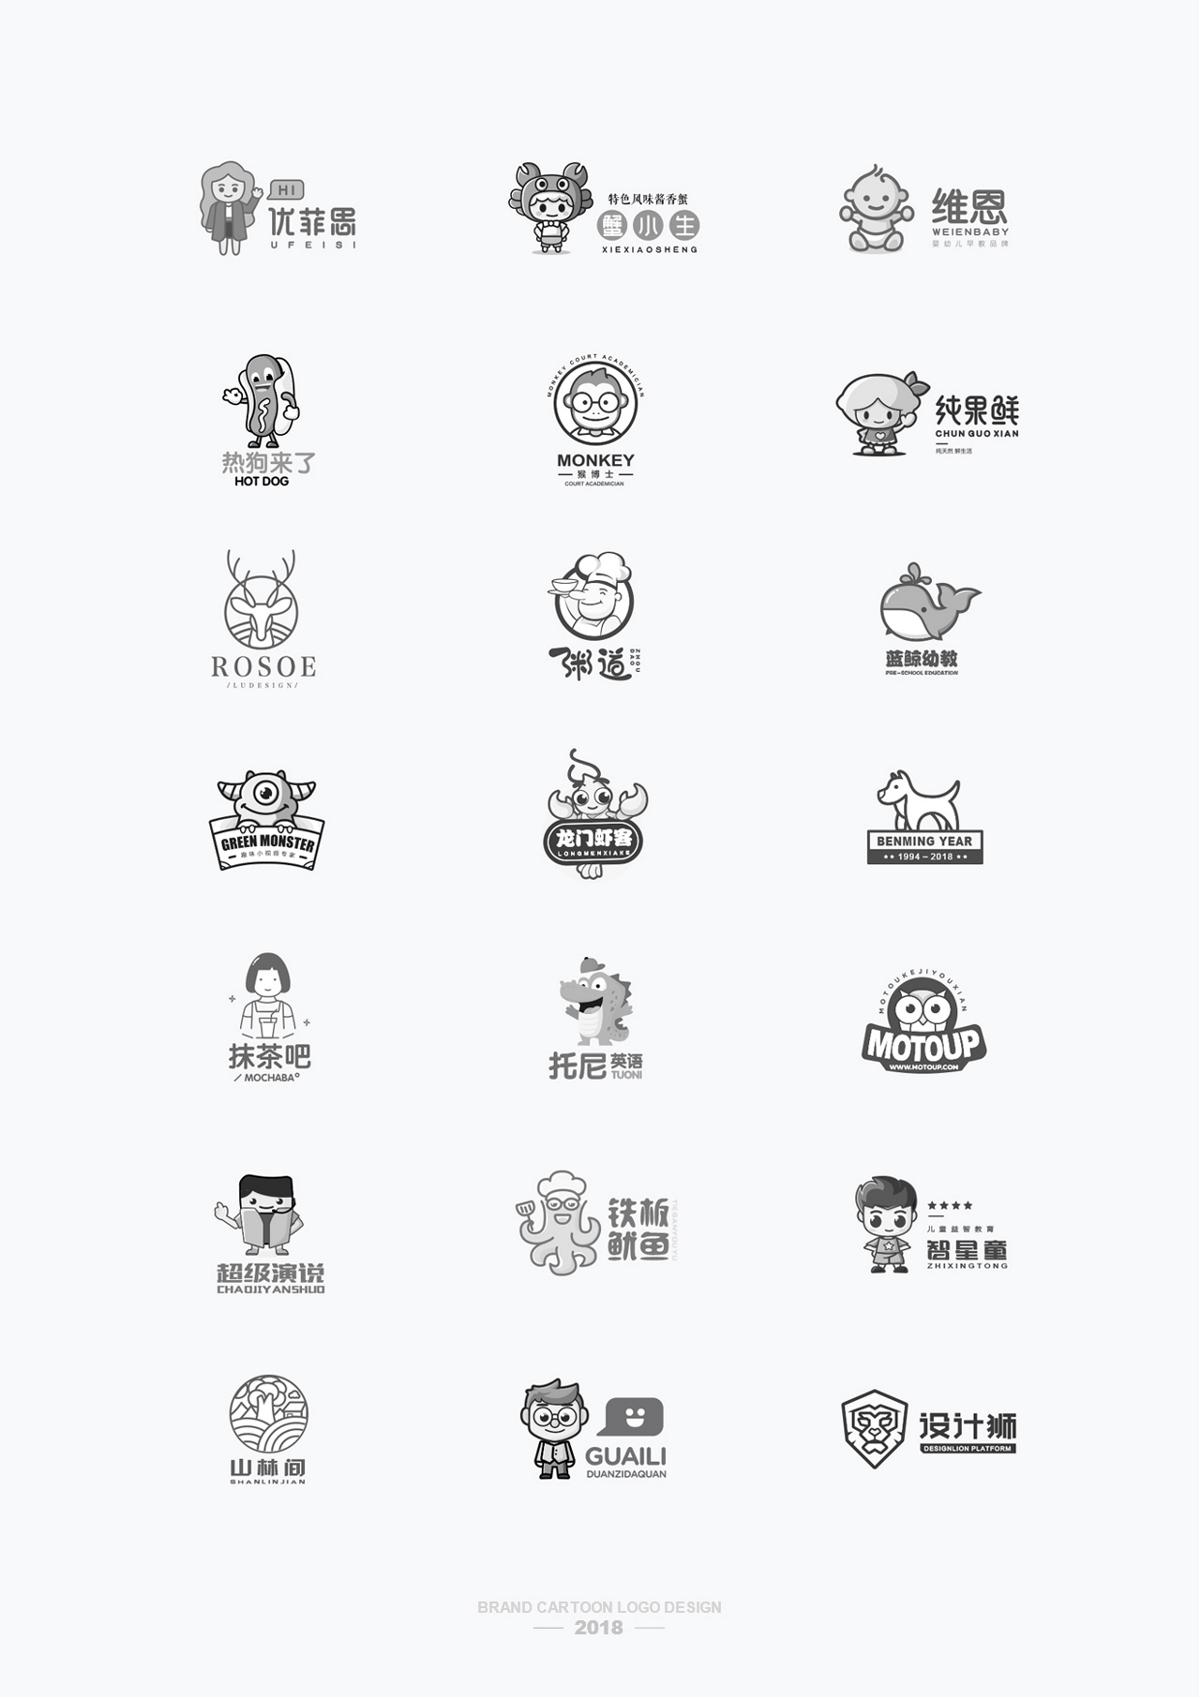 2018卡通LOGO合集-刘孝文